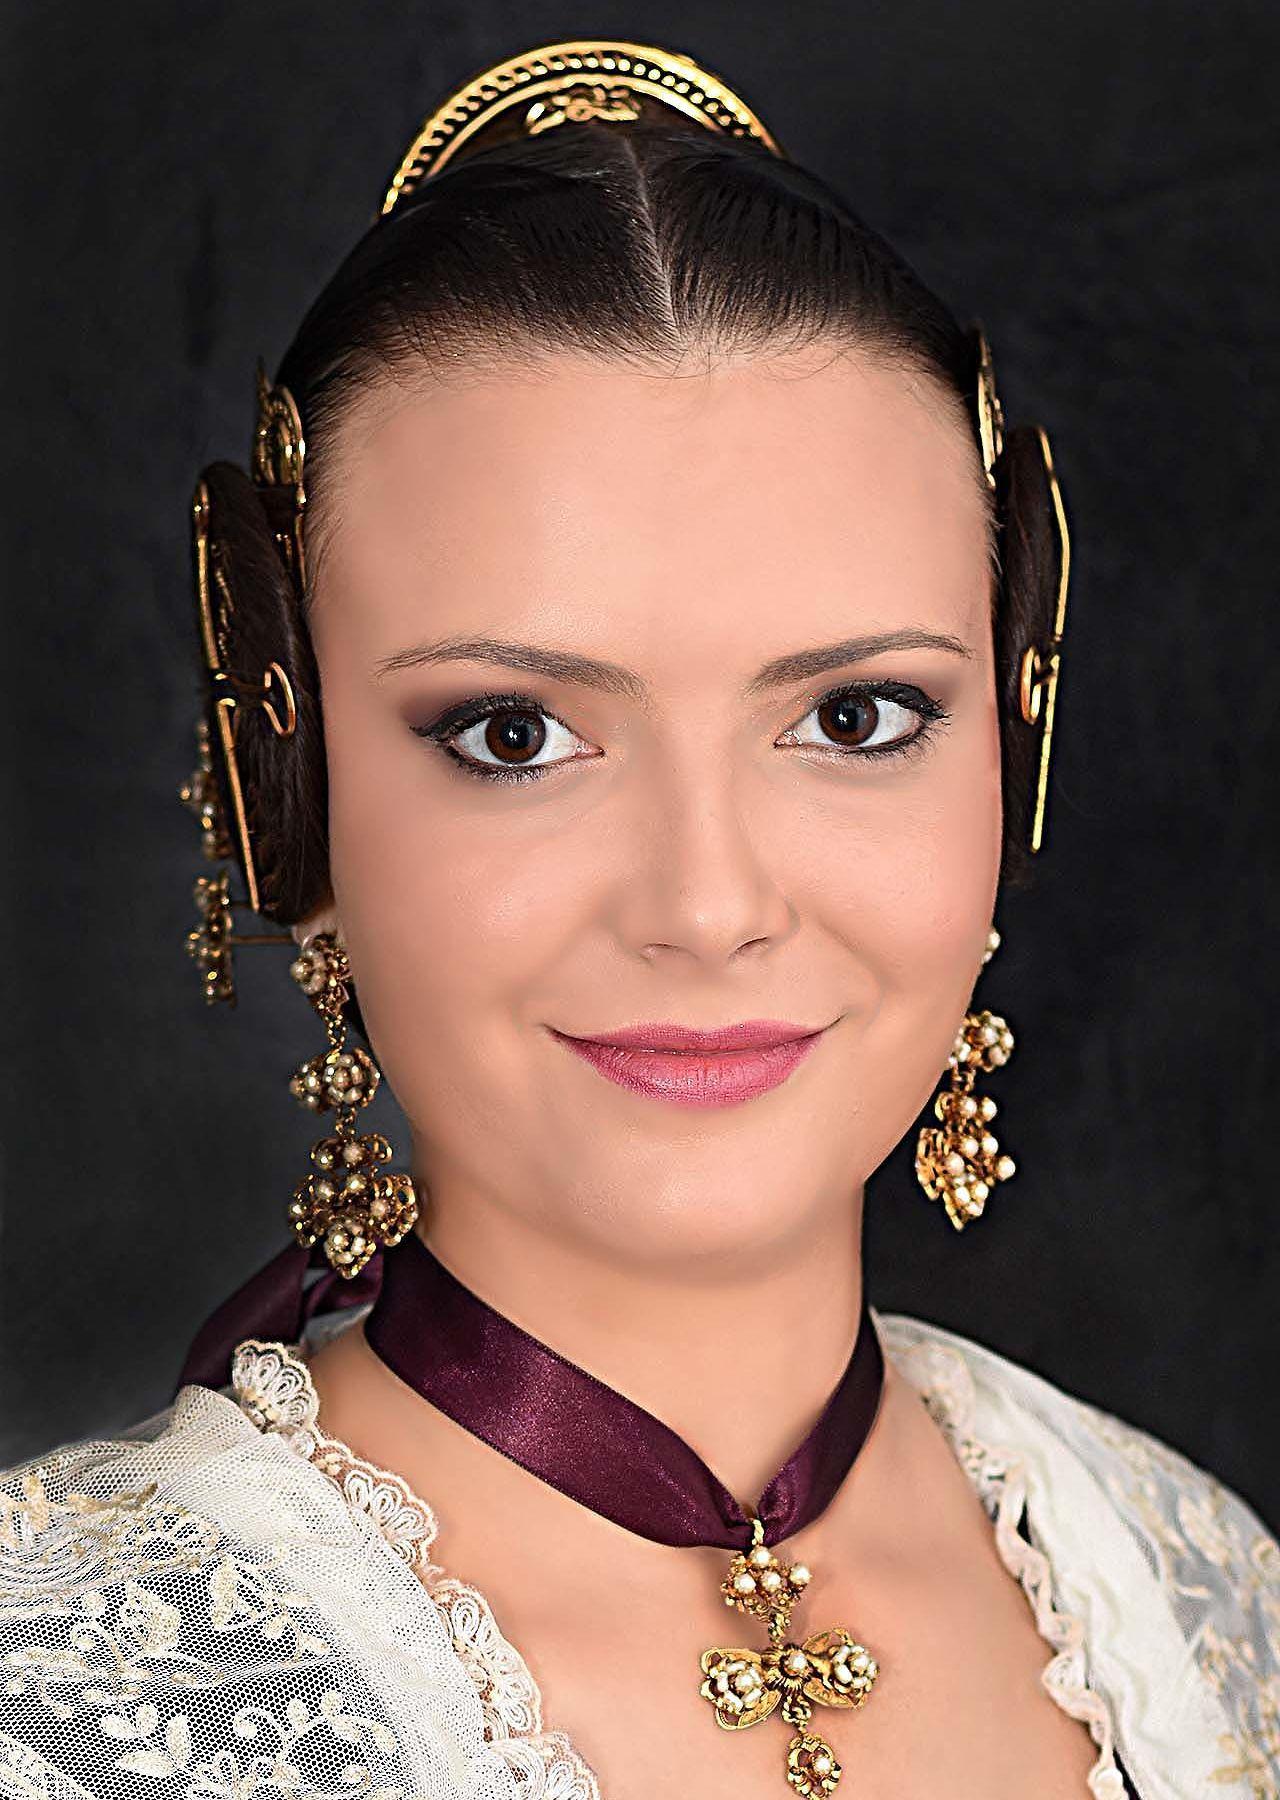 Macarena Martinez Giner